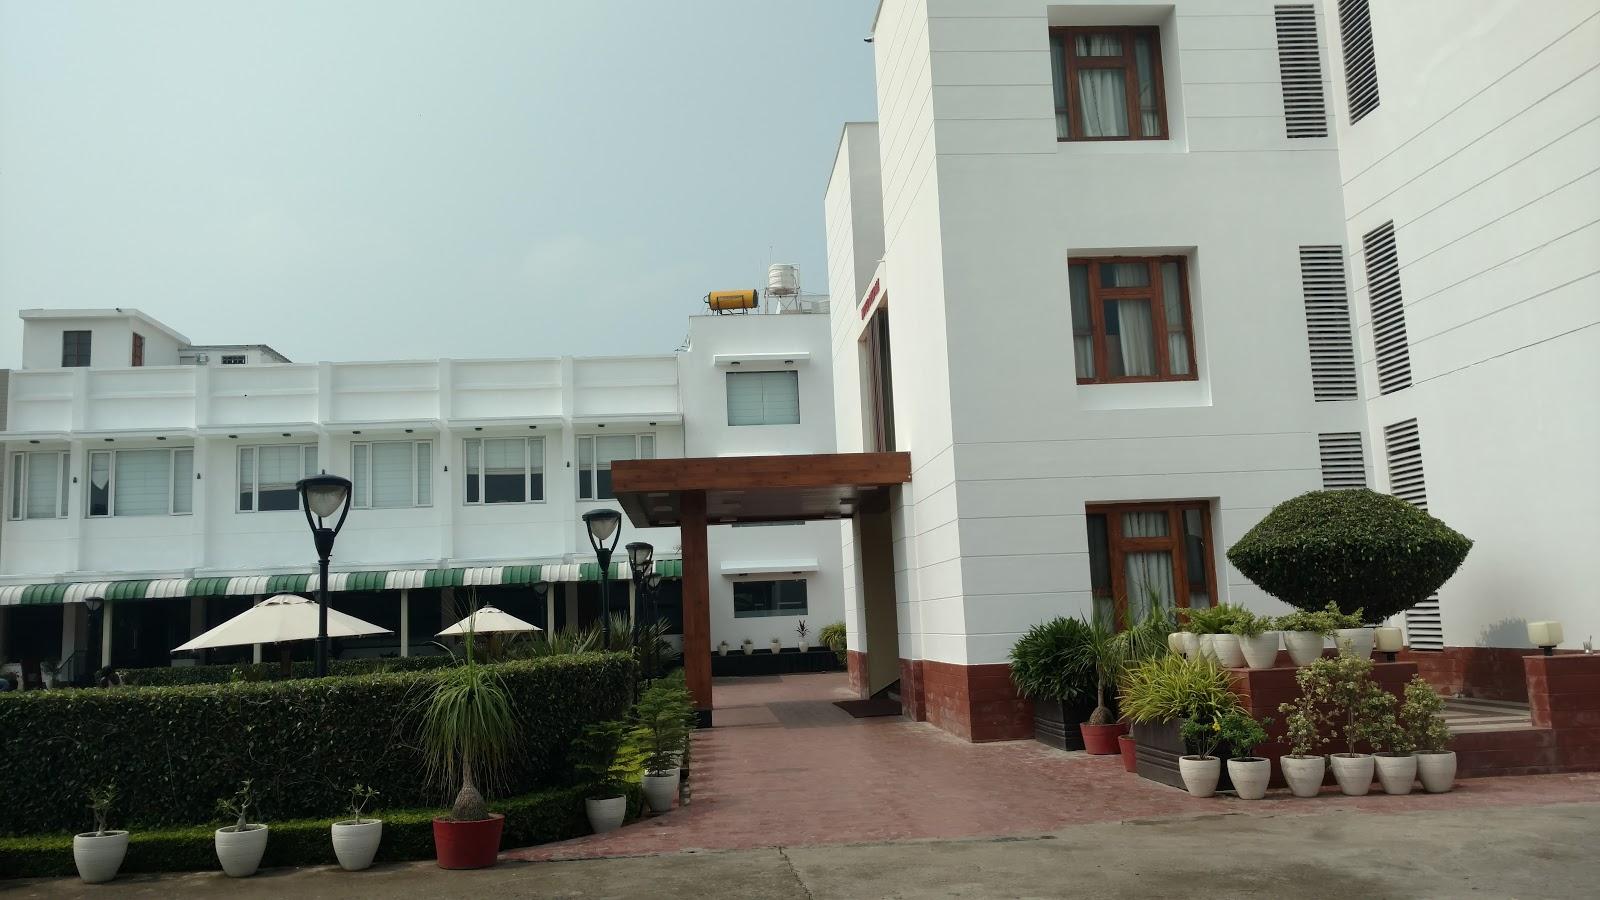 Day 2 -- Nagpur to Agra